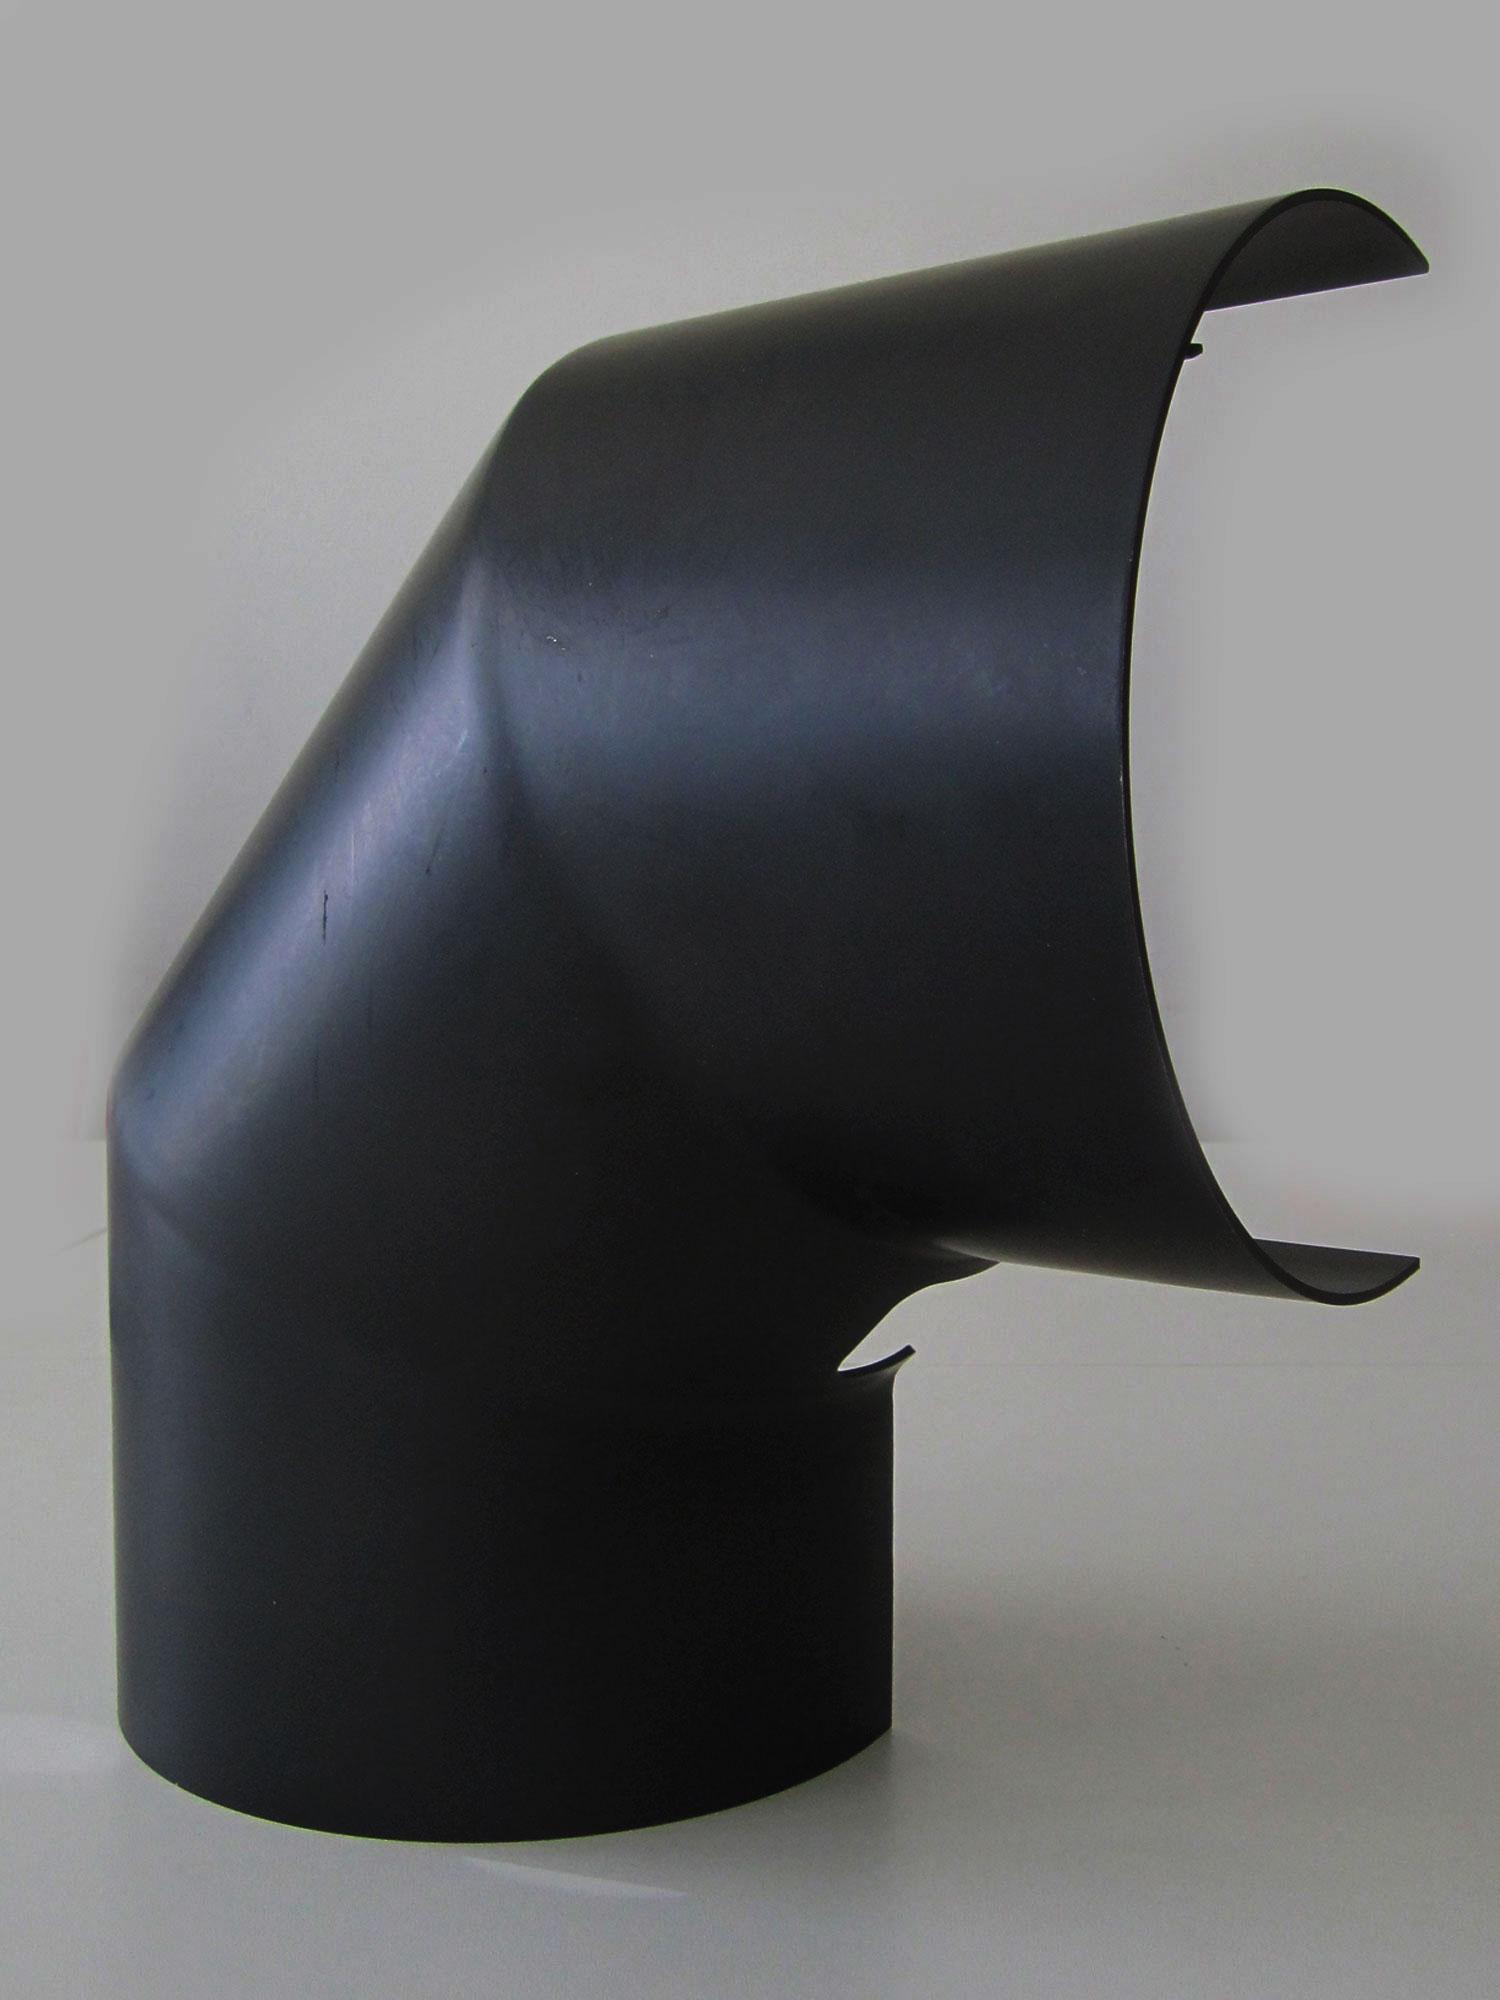 Hitzeschutz Rohrblende Winkel 90° Stahlblech schwarz Ø160mm seitlich Bild 3